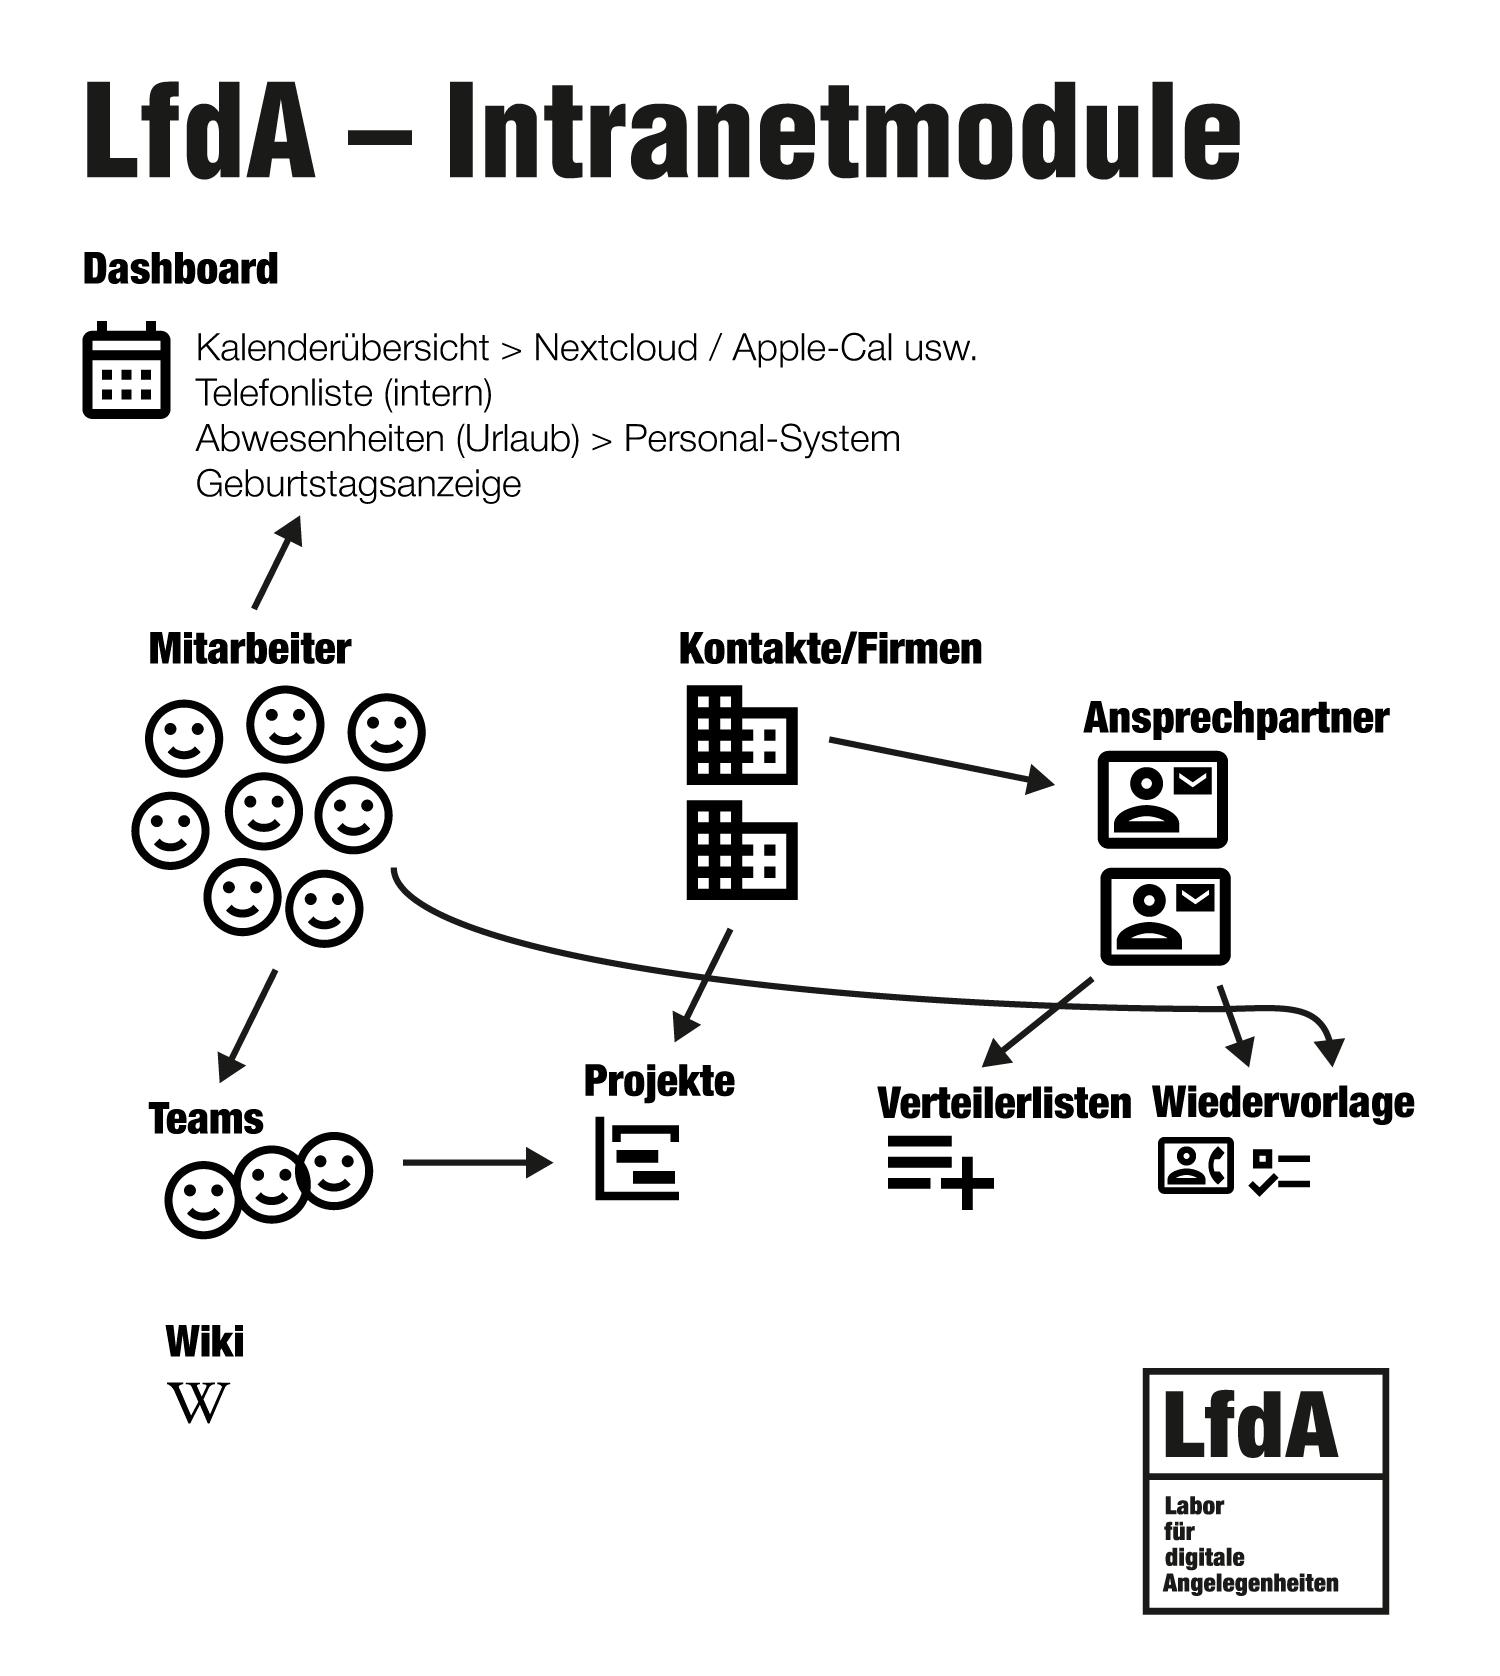 Geburtstagsliste individuelle intranetlösungen | lfda – labor für digitale